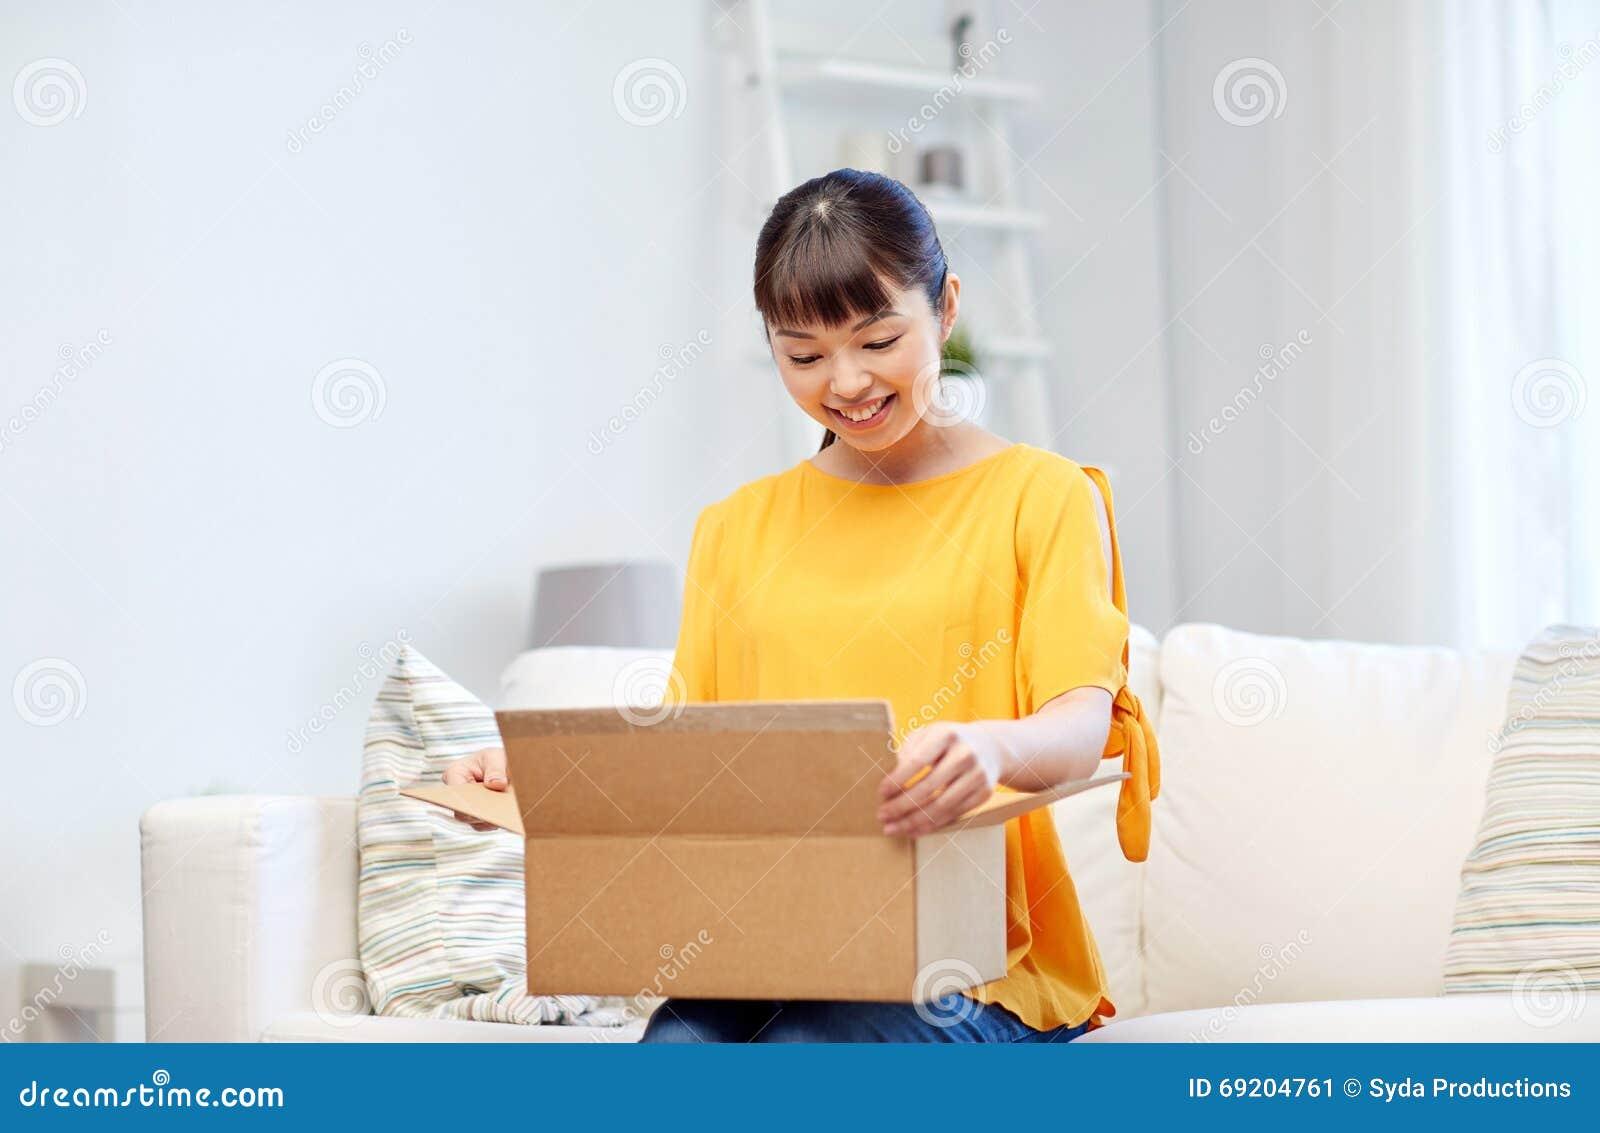 jeune femme asiatique heureuse avec la bo te de colis la maison photo stock image 69204761. Black Bedroom Furniture Sets. Home Design Ideas